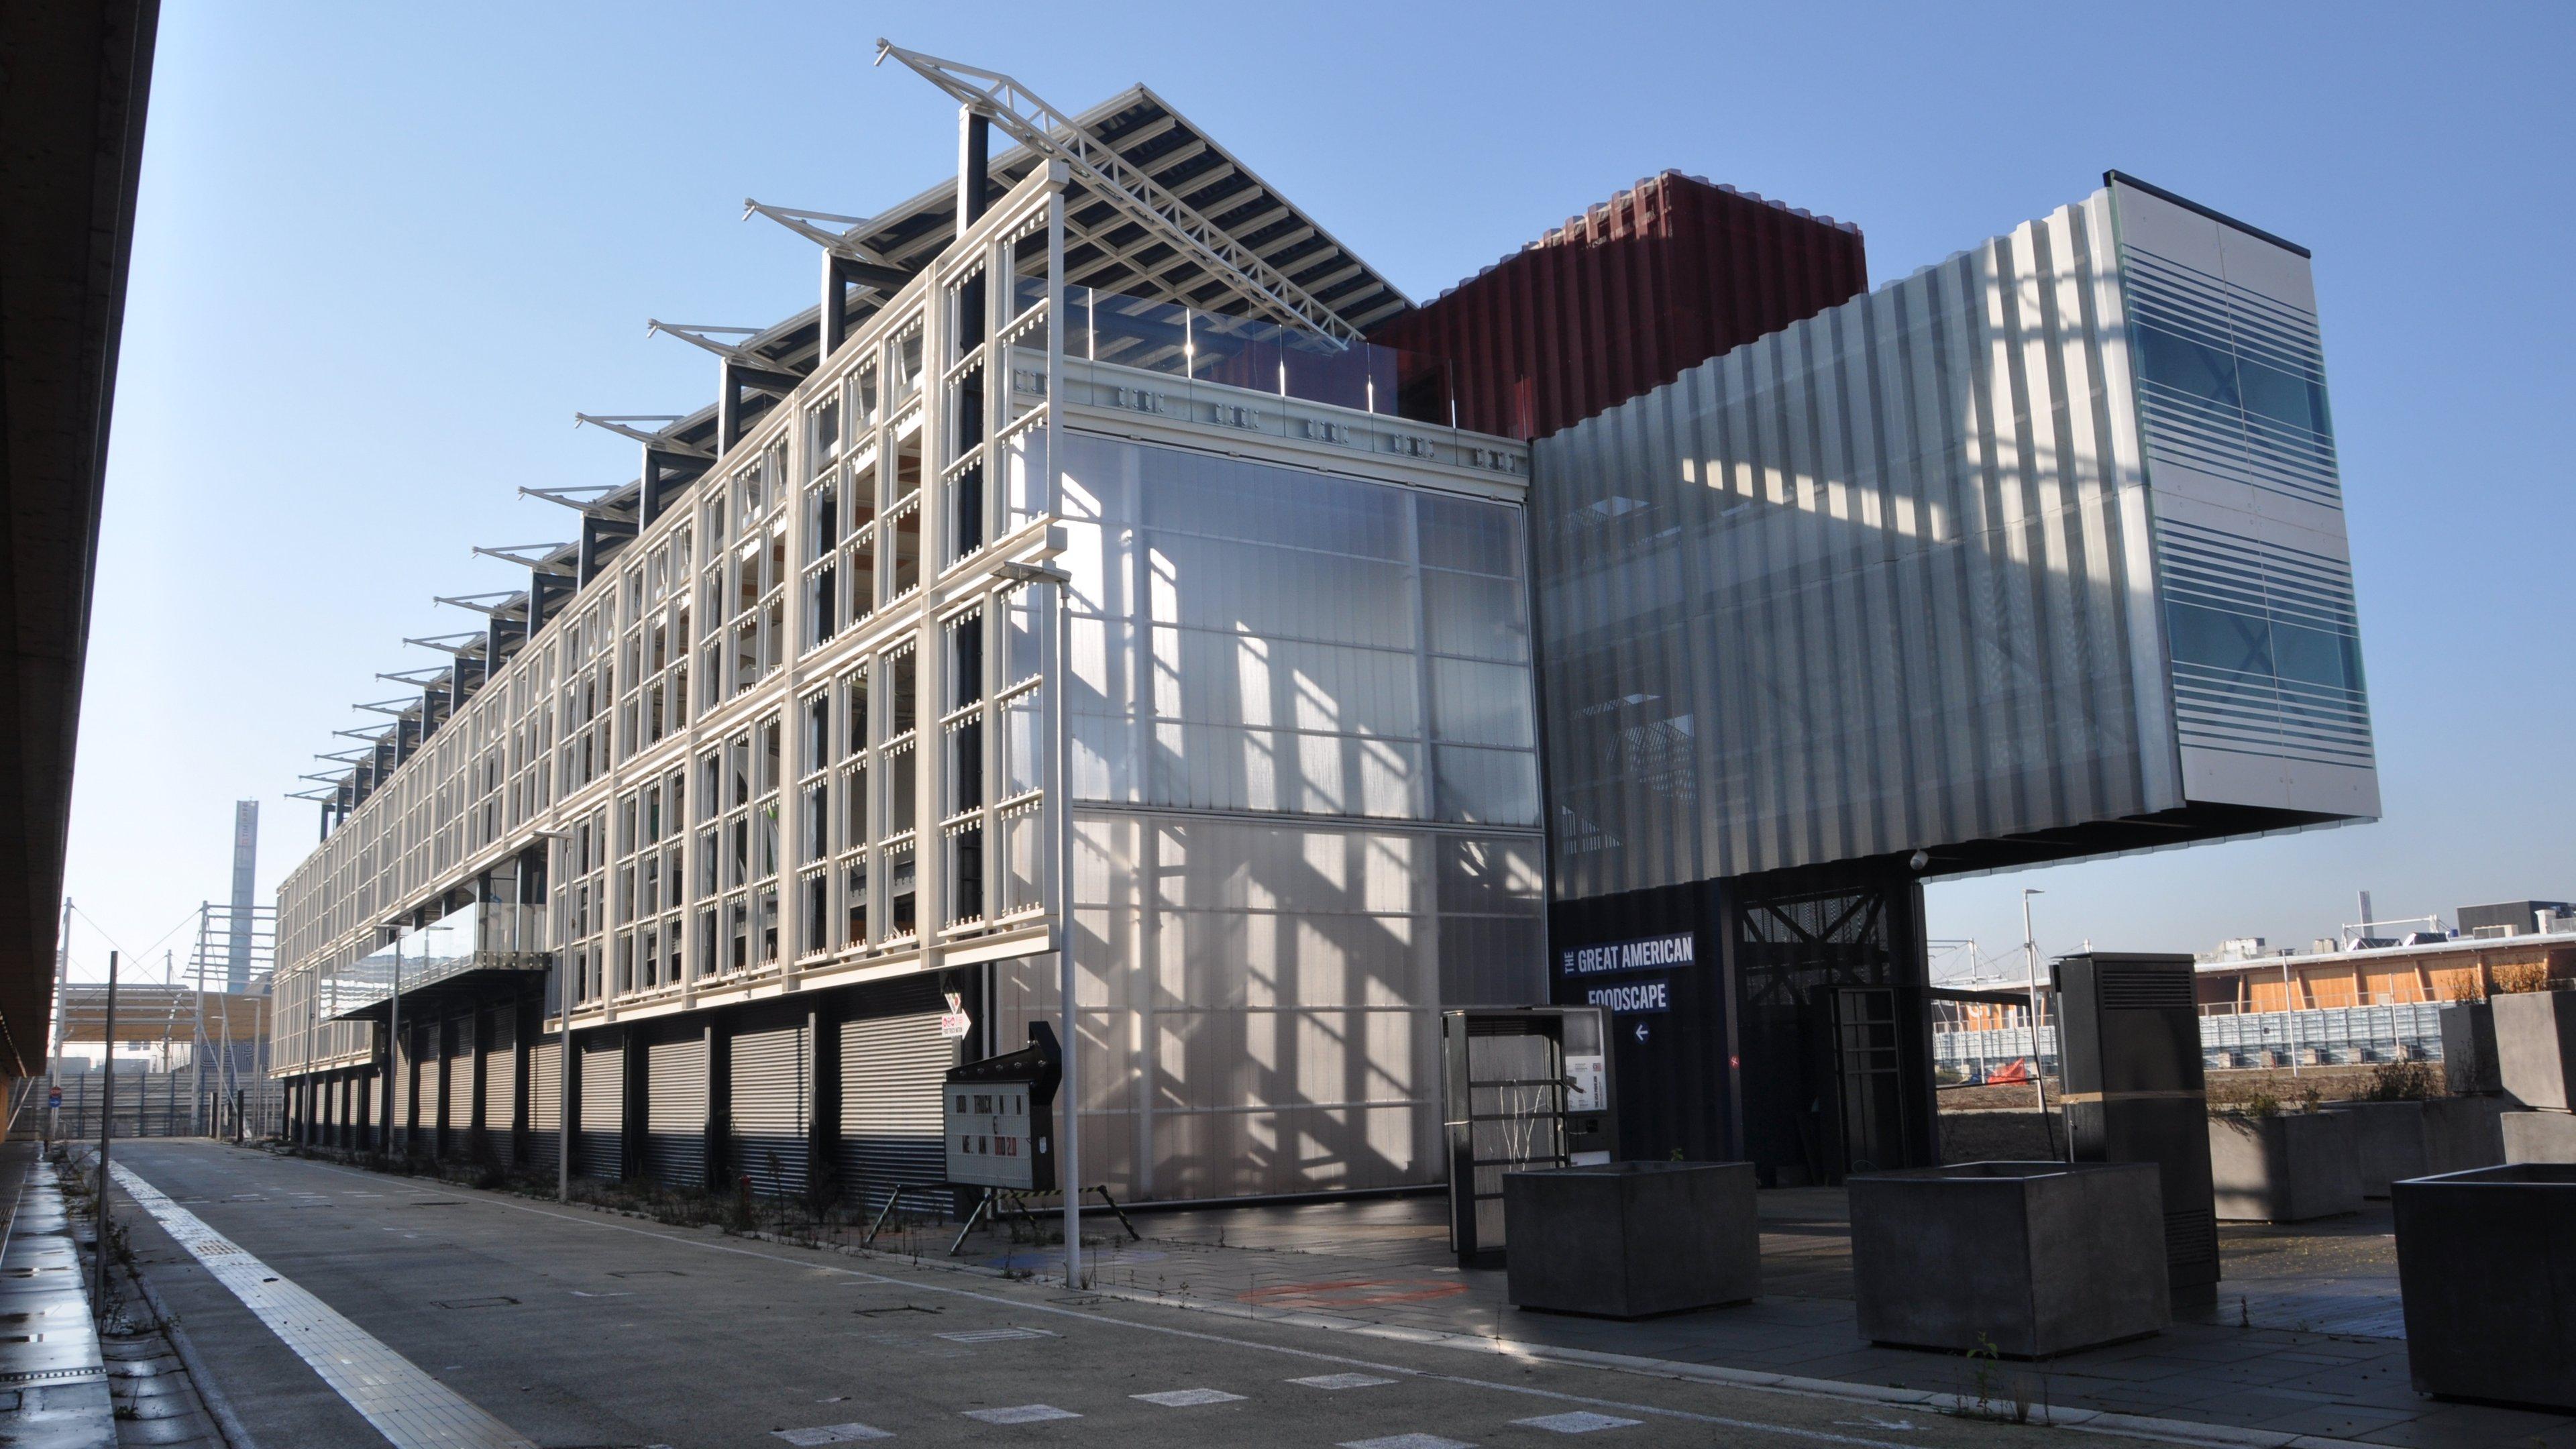 USA-Pavillon zur Expor 2015 in Mailand. Dieser Pavillon wird in Hamburg als DigitalCampus wieder aufgebaut.